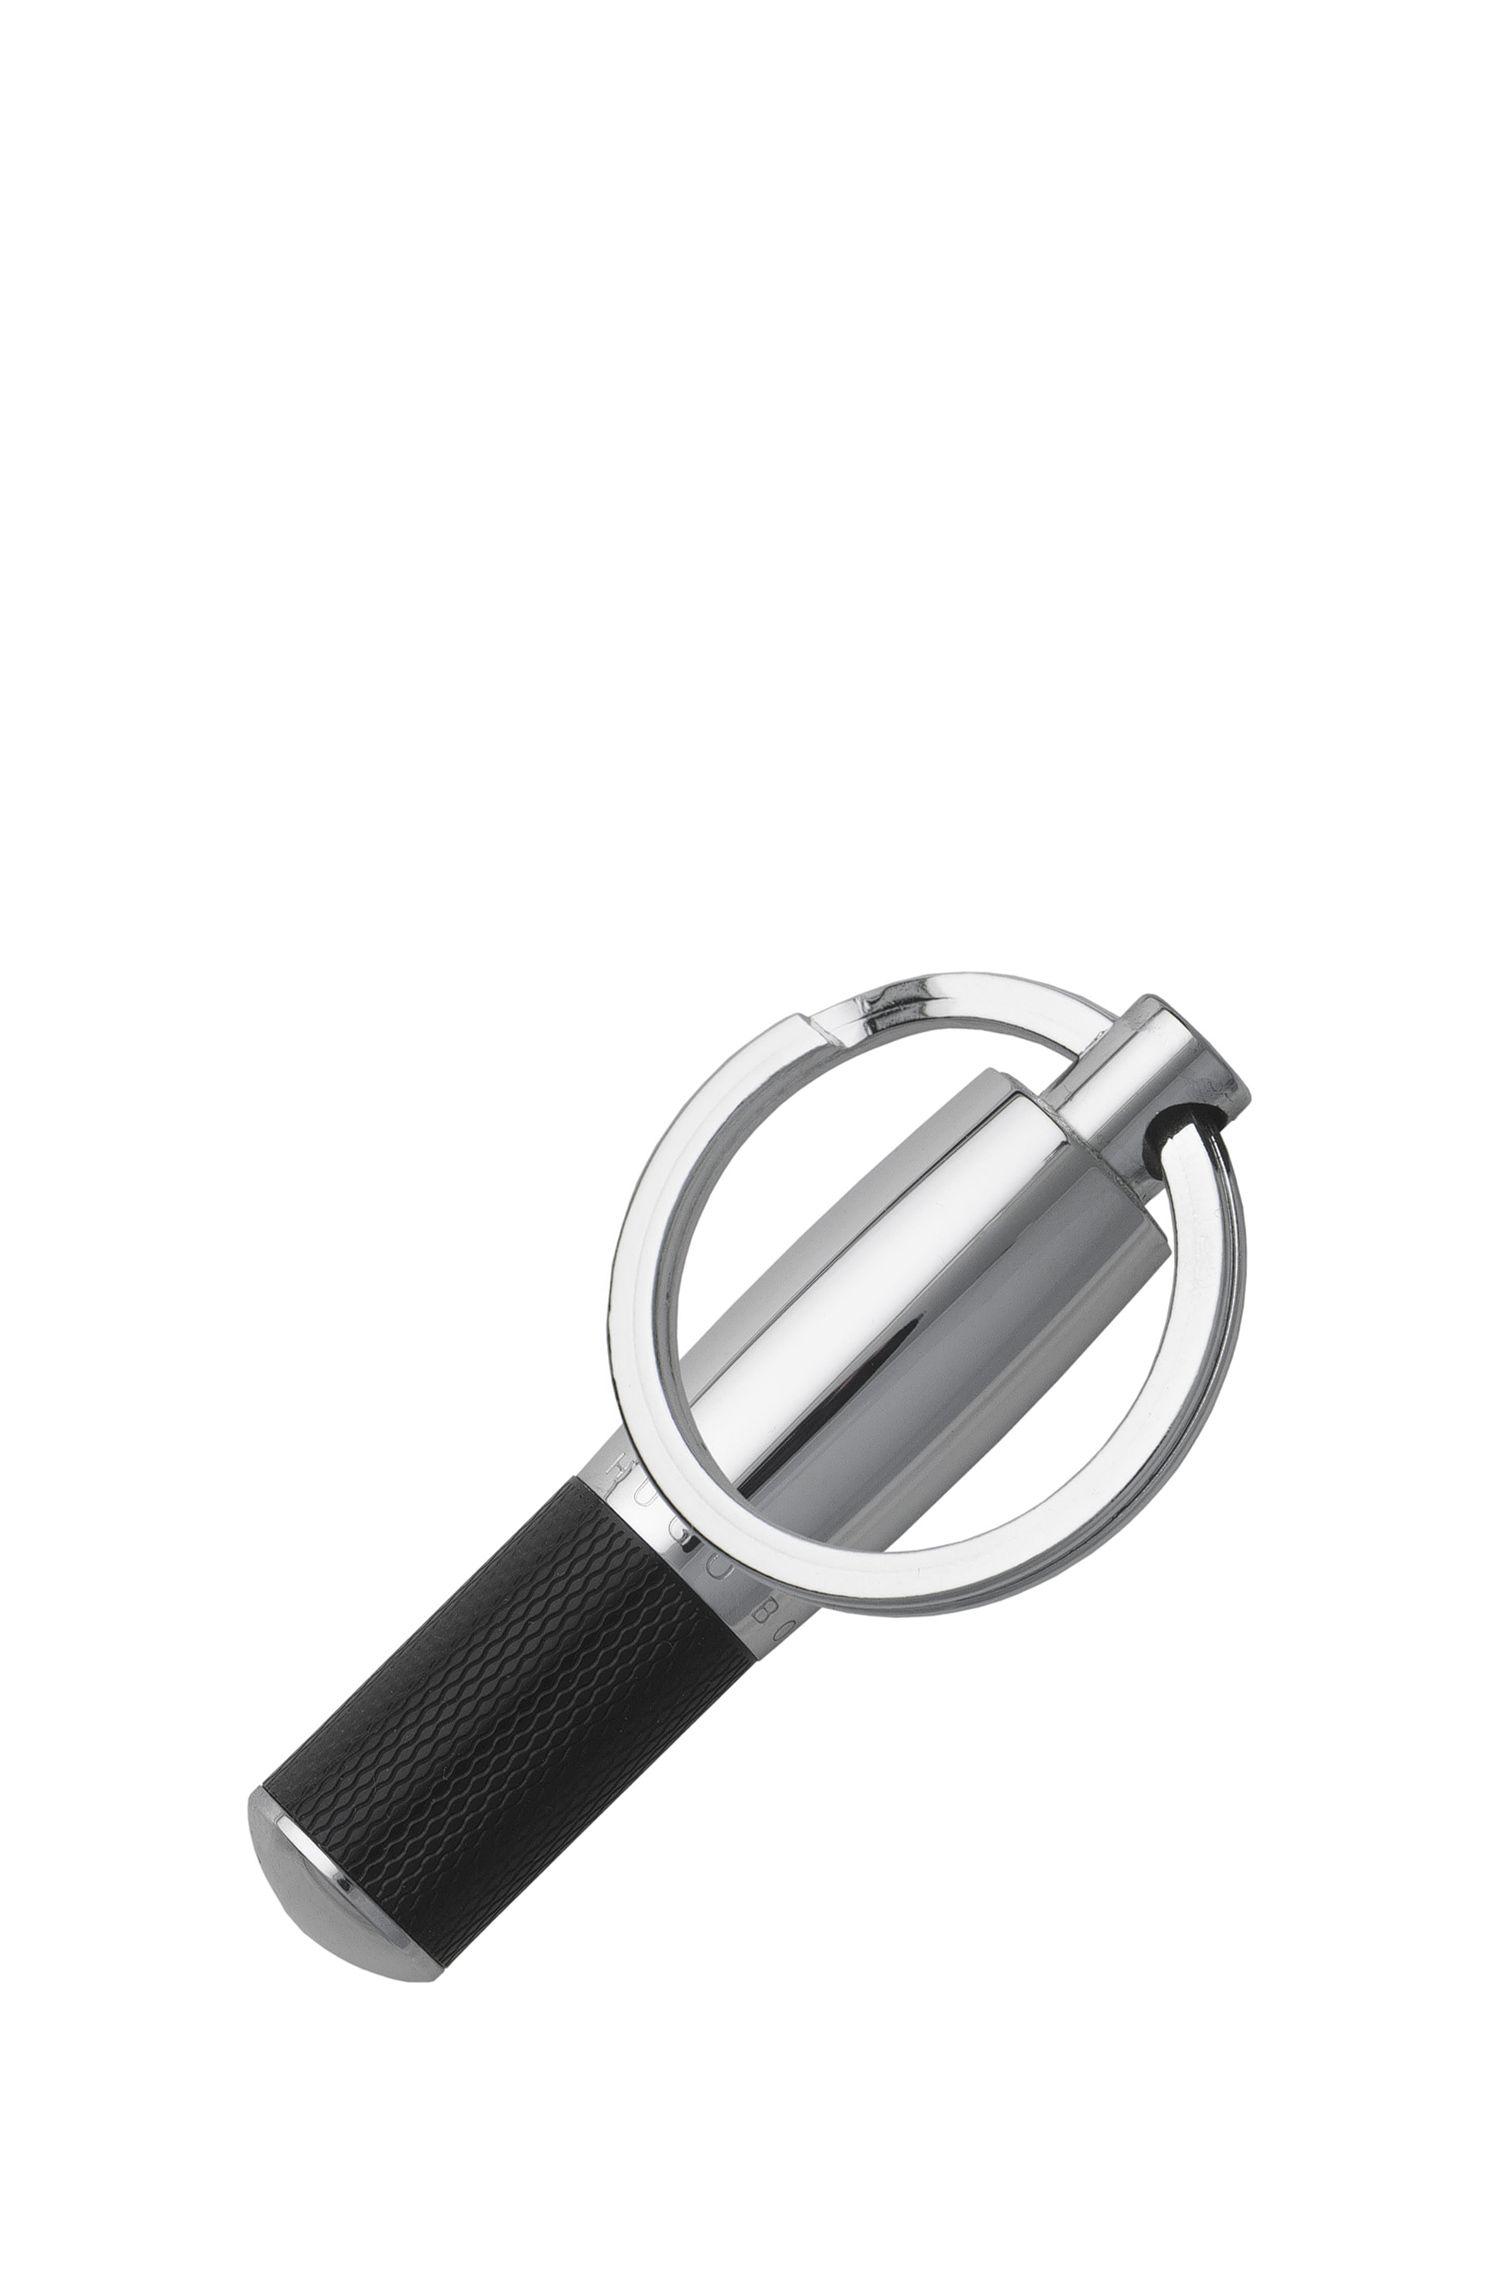 Porte-clés en laque noire texturée